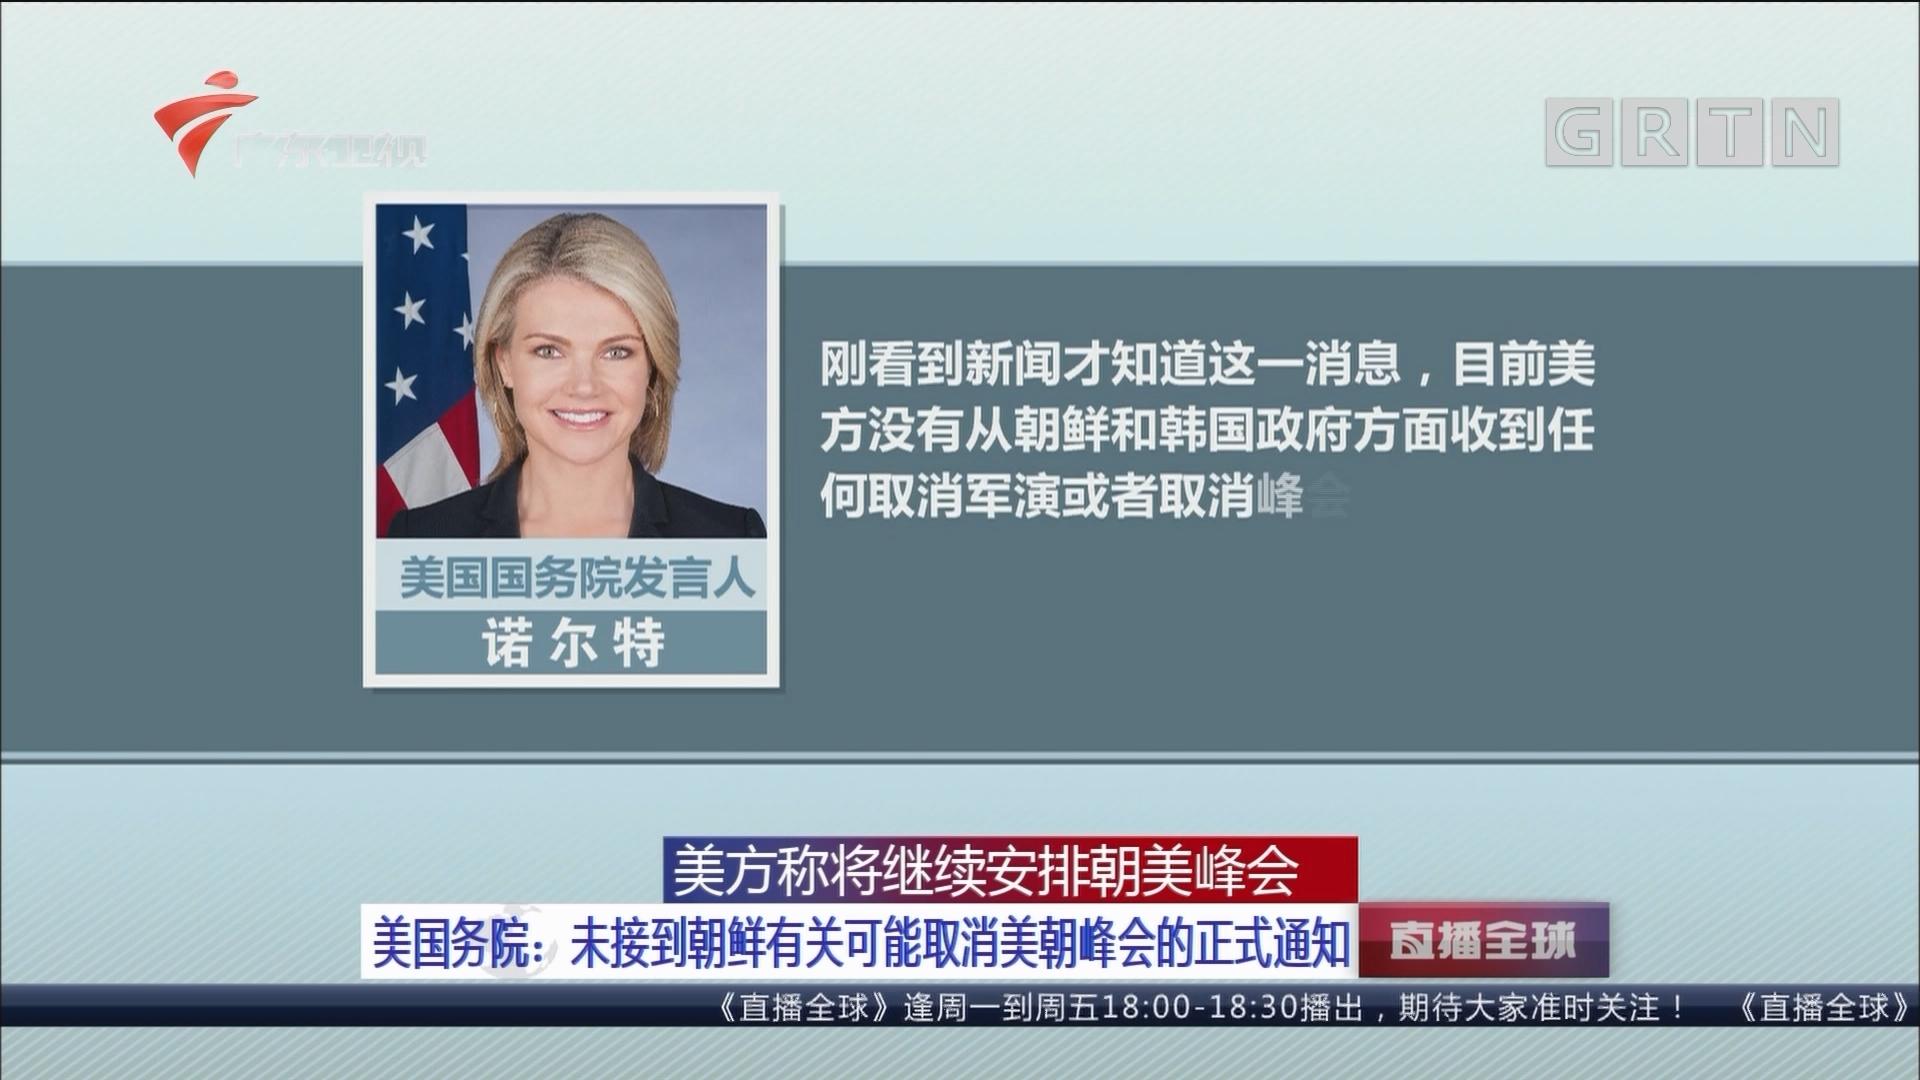 美方称将继续安排朝美峰会 美国务院:未接到朝鲜有关可能取消美朝峰会的正式通知